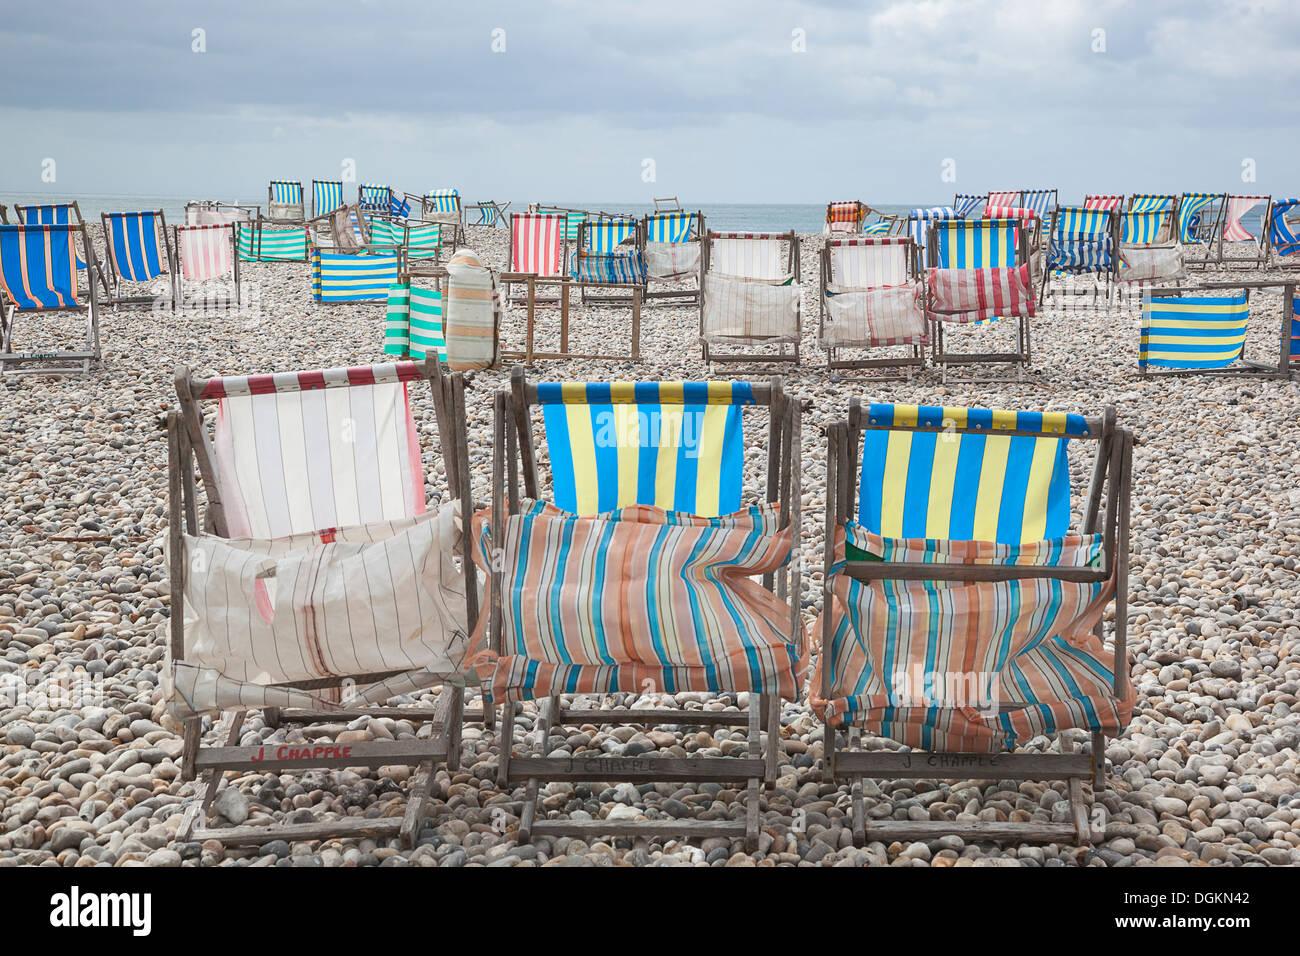 Sedie a sdraio con vento forte sulla spiaggia di birra. Immagini Stock